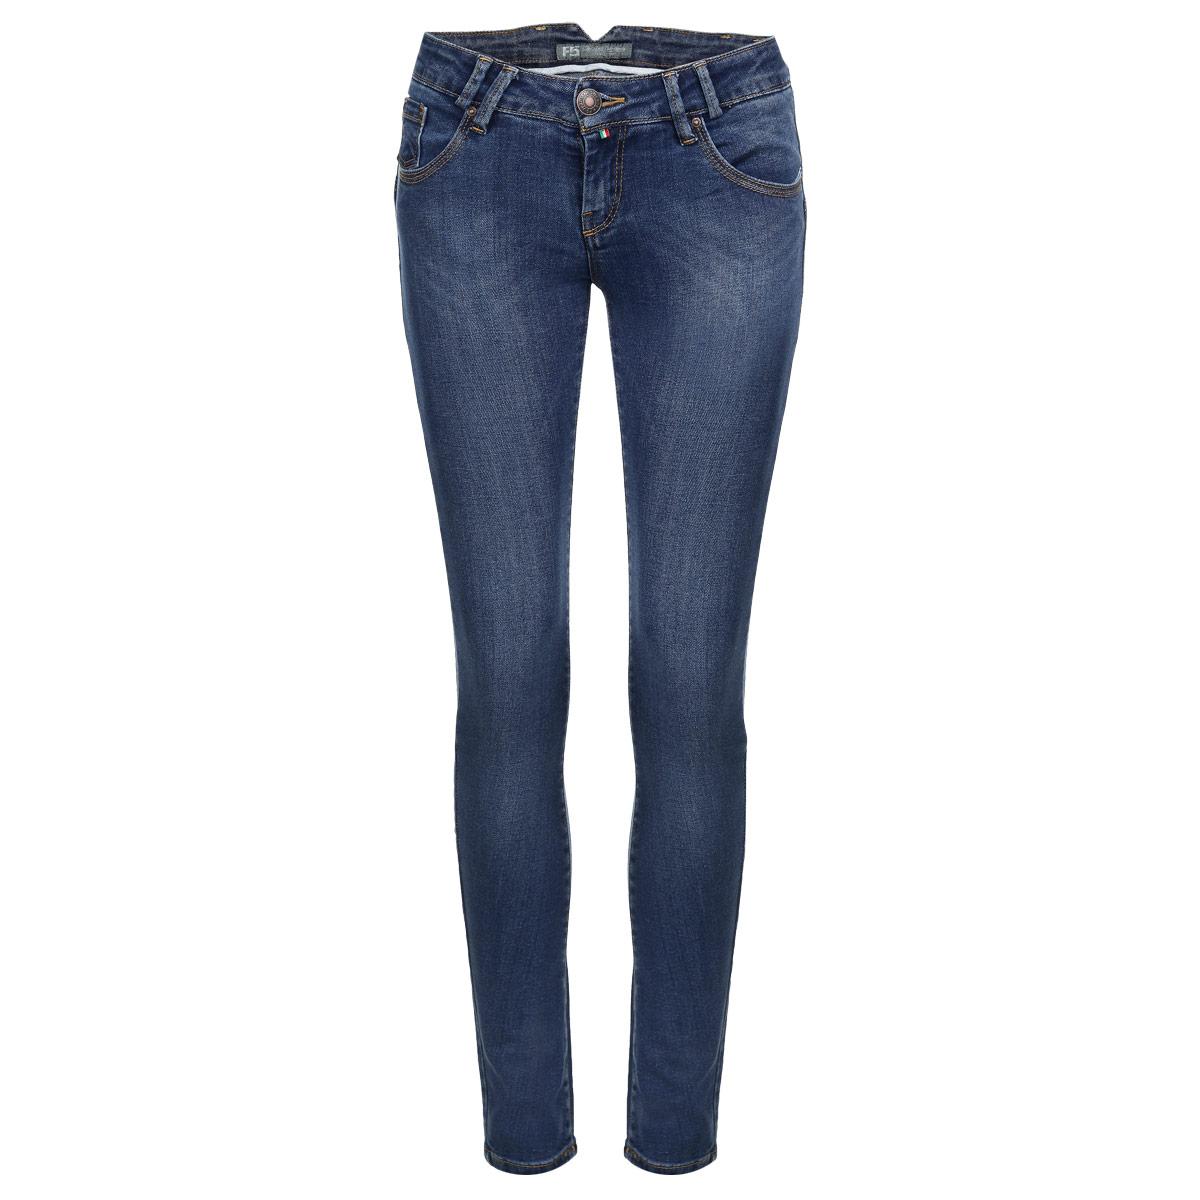 Джинсы женские. 1938419384Стильные женские джинсы F5 созданы специально для того, чтобы подчеркивать достоинства вашей фигуры. Модель зауженного кроя и низкой посадки станет отличным дополнением к вашему современному образу. Джинсы застегиваются на пуговицу в поясе и ширинку на застежке-молнии, имеются шлевки для ремня. Джинсы имеют классический пятикарманный крой: спереди модель дополнена двумя втачными карманами и одним маленьким накладным кармашком, а сзади - двумя накладными карманами. Изделие оформлено тертым эффектом и контрастной отстрочкой. Сзади брючины дополнены декоративными вертикальными швами, подчеркивающими стройность ваших ног. Эти модные и в тоже время комфортные джинсы послужат отличным дополнением к вашему гардеробу.